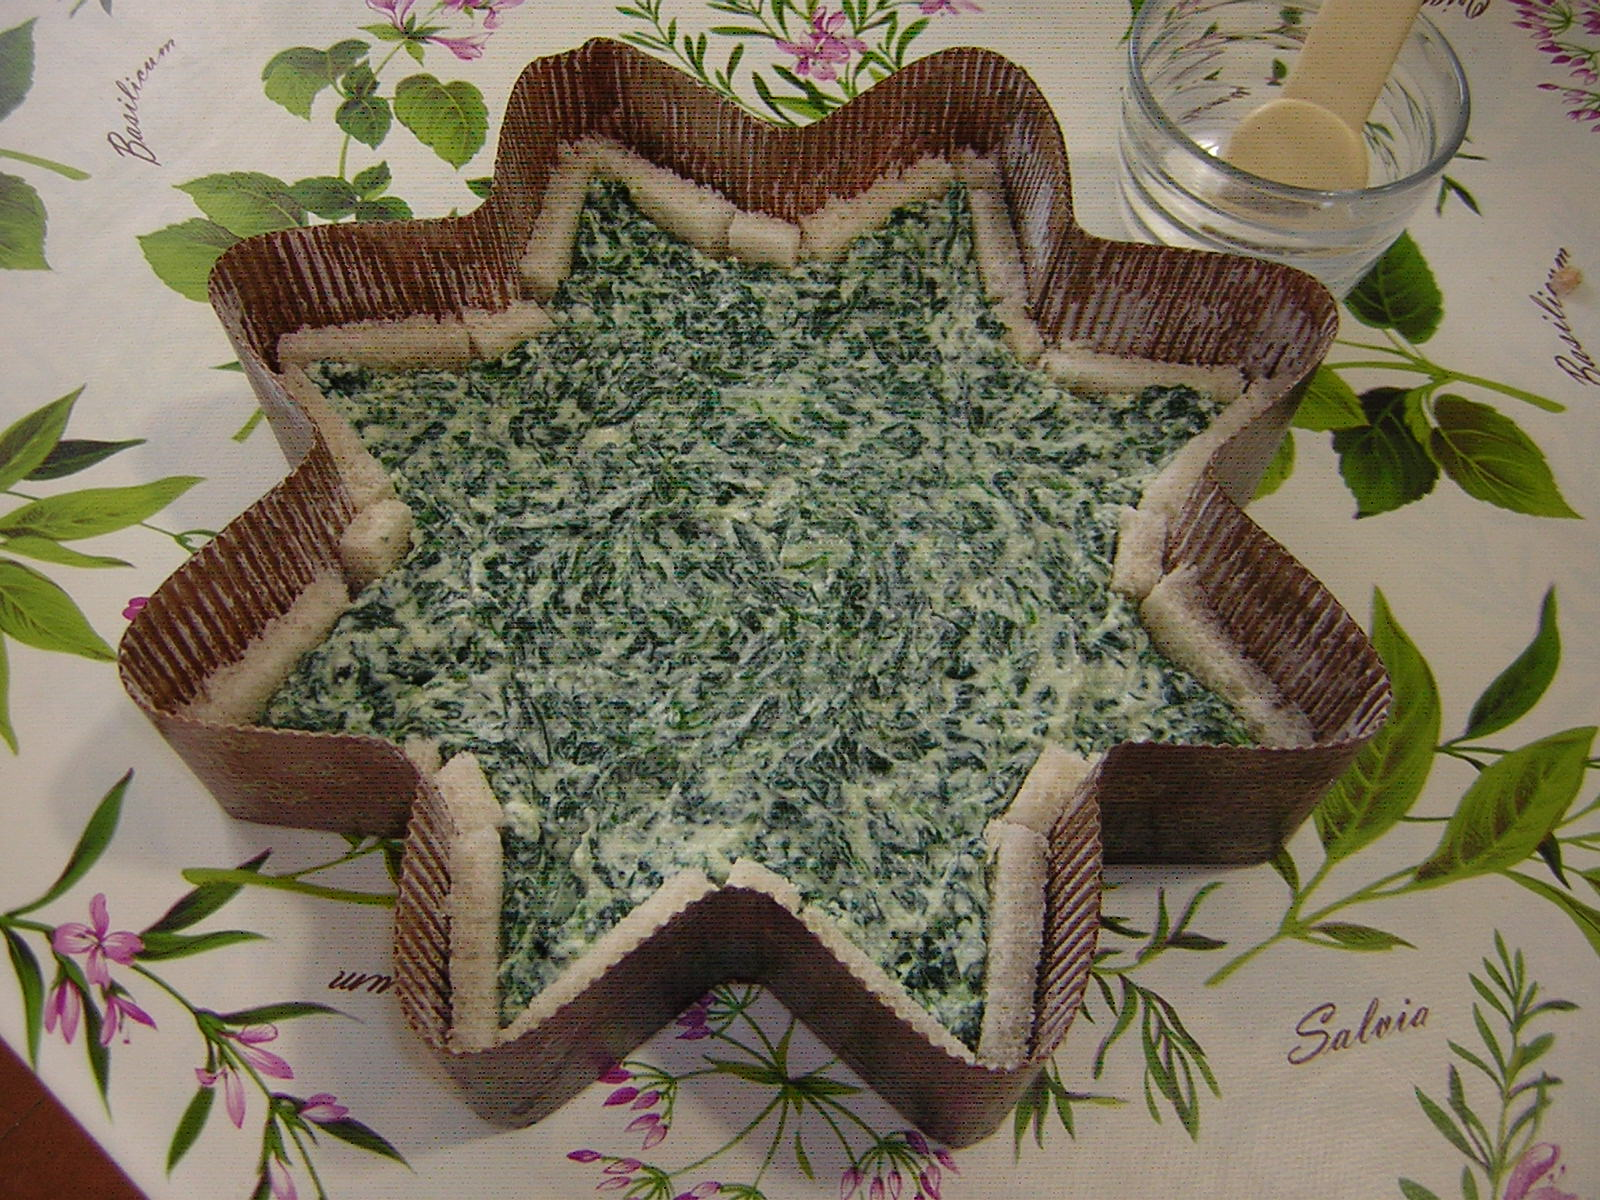 preparazione della torta stella salata ricotta e spinaci